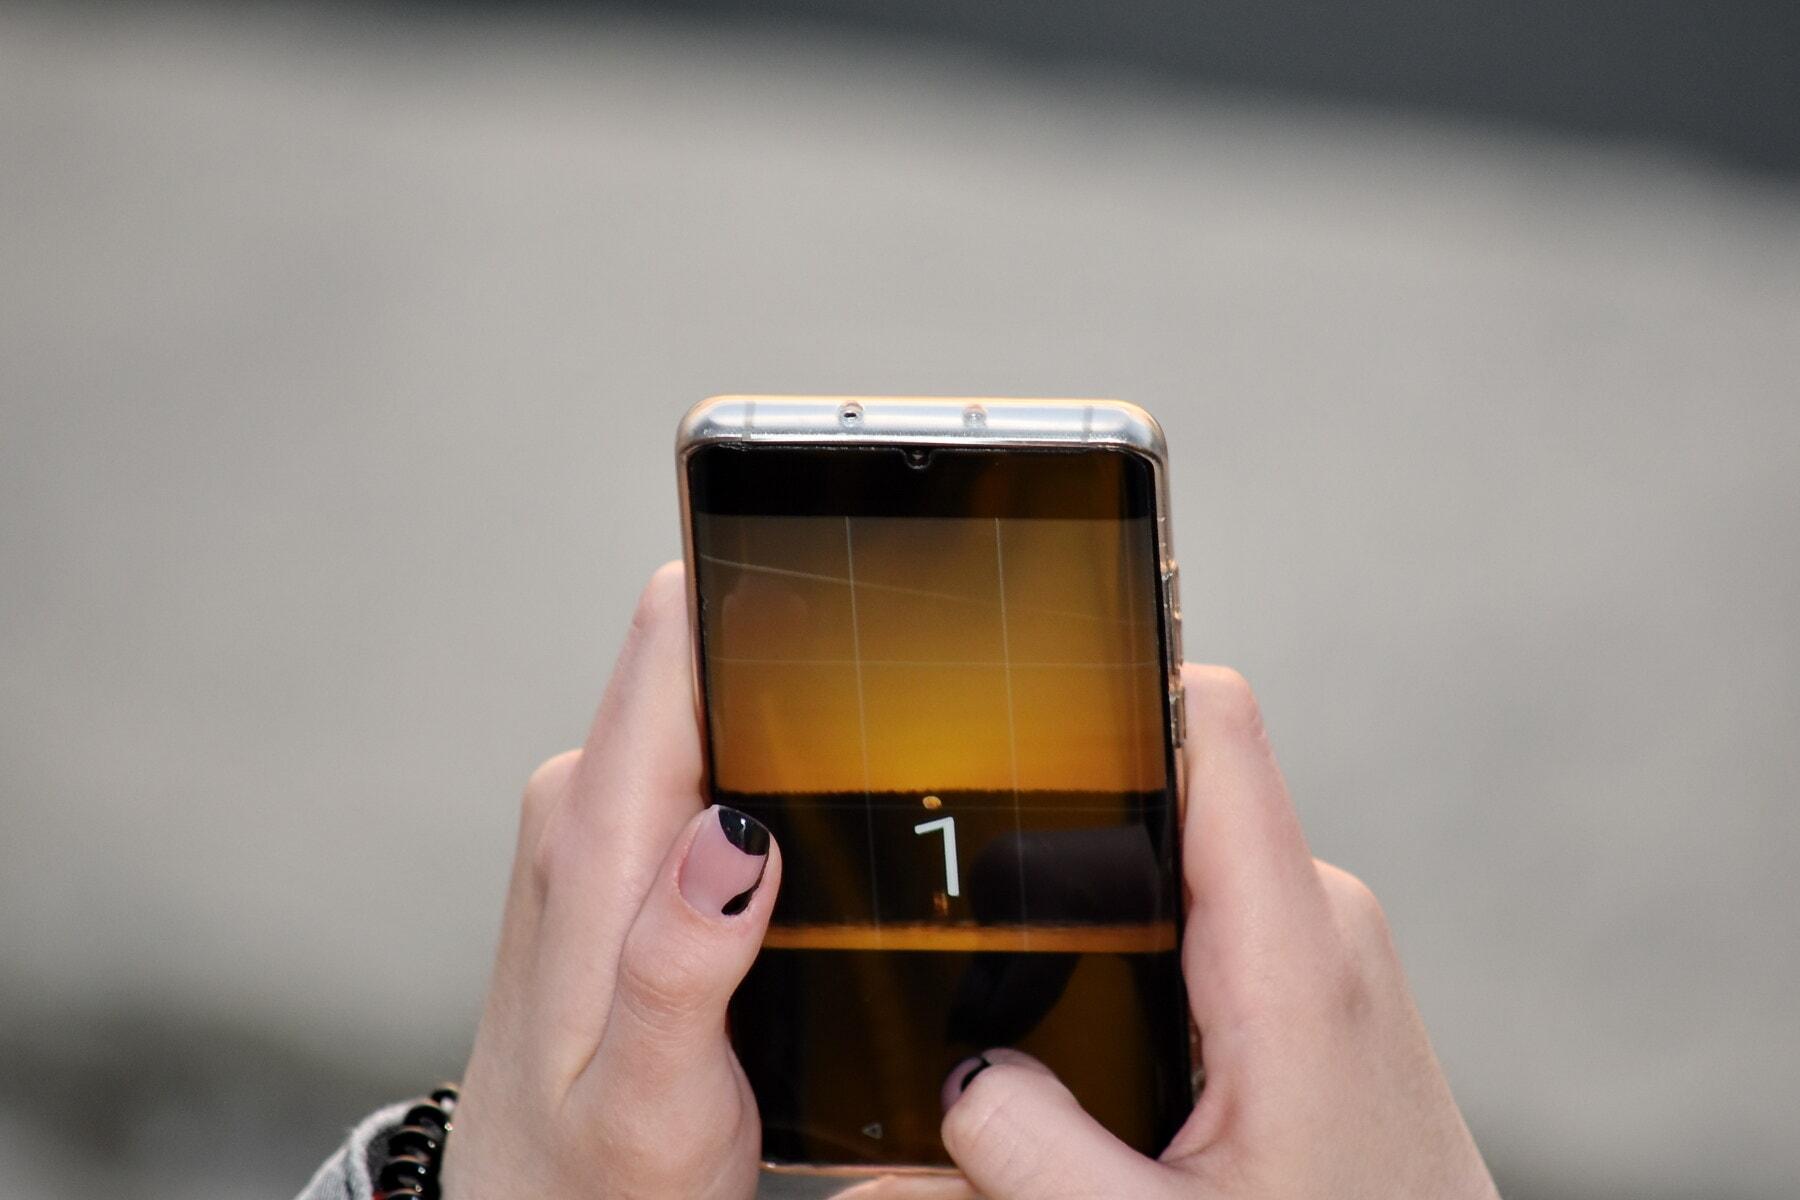 мобилен телефон, фотография, видео запис, ръце, залез, телефон, ръка, устройство, докосване, Преносим